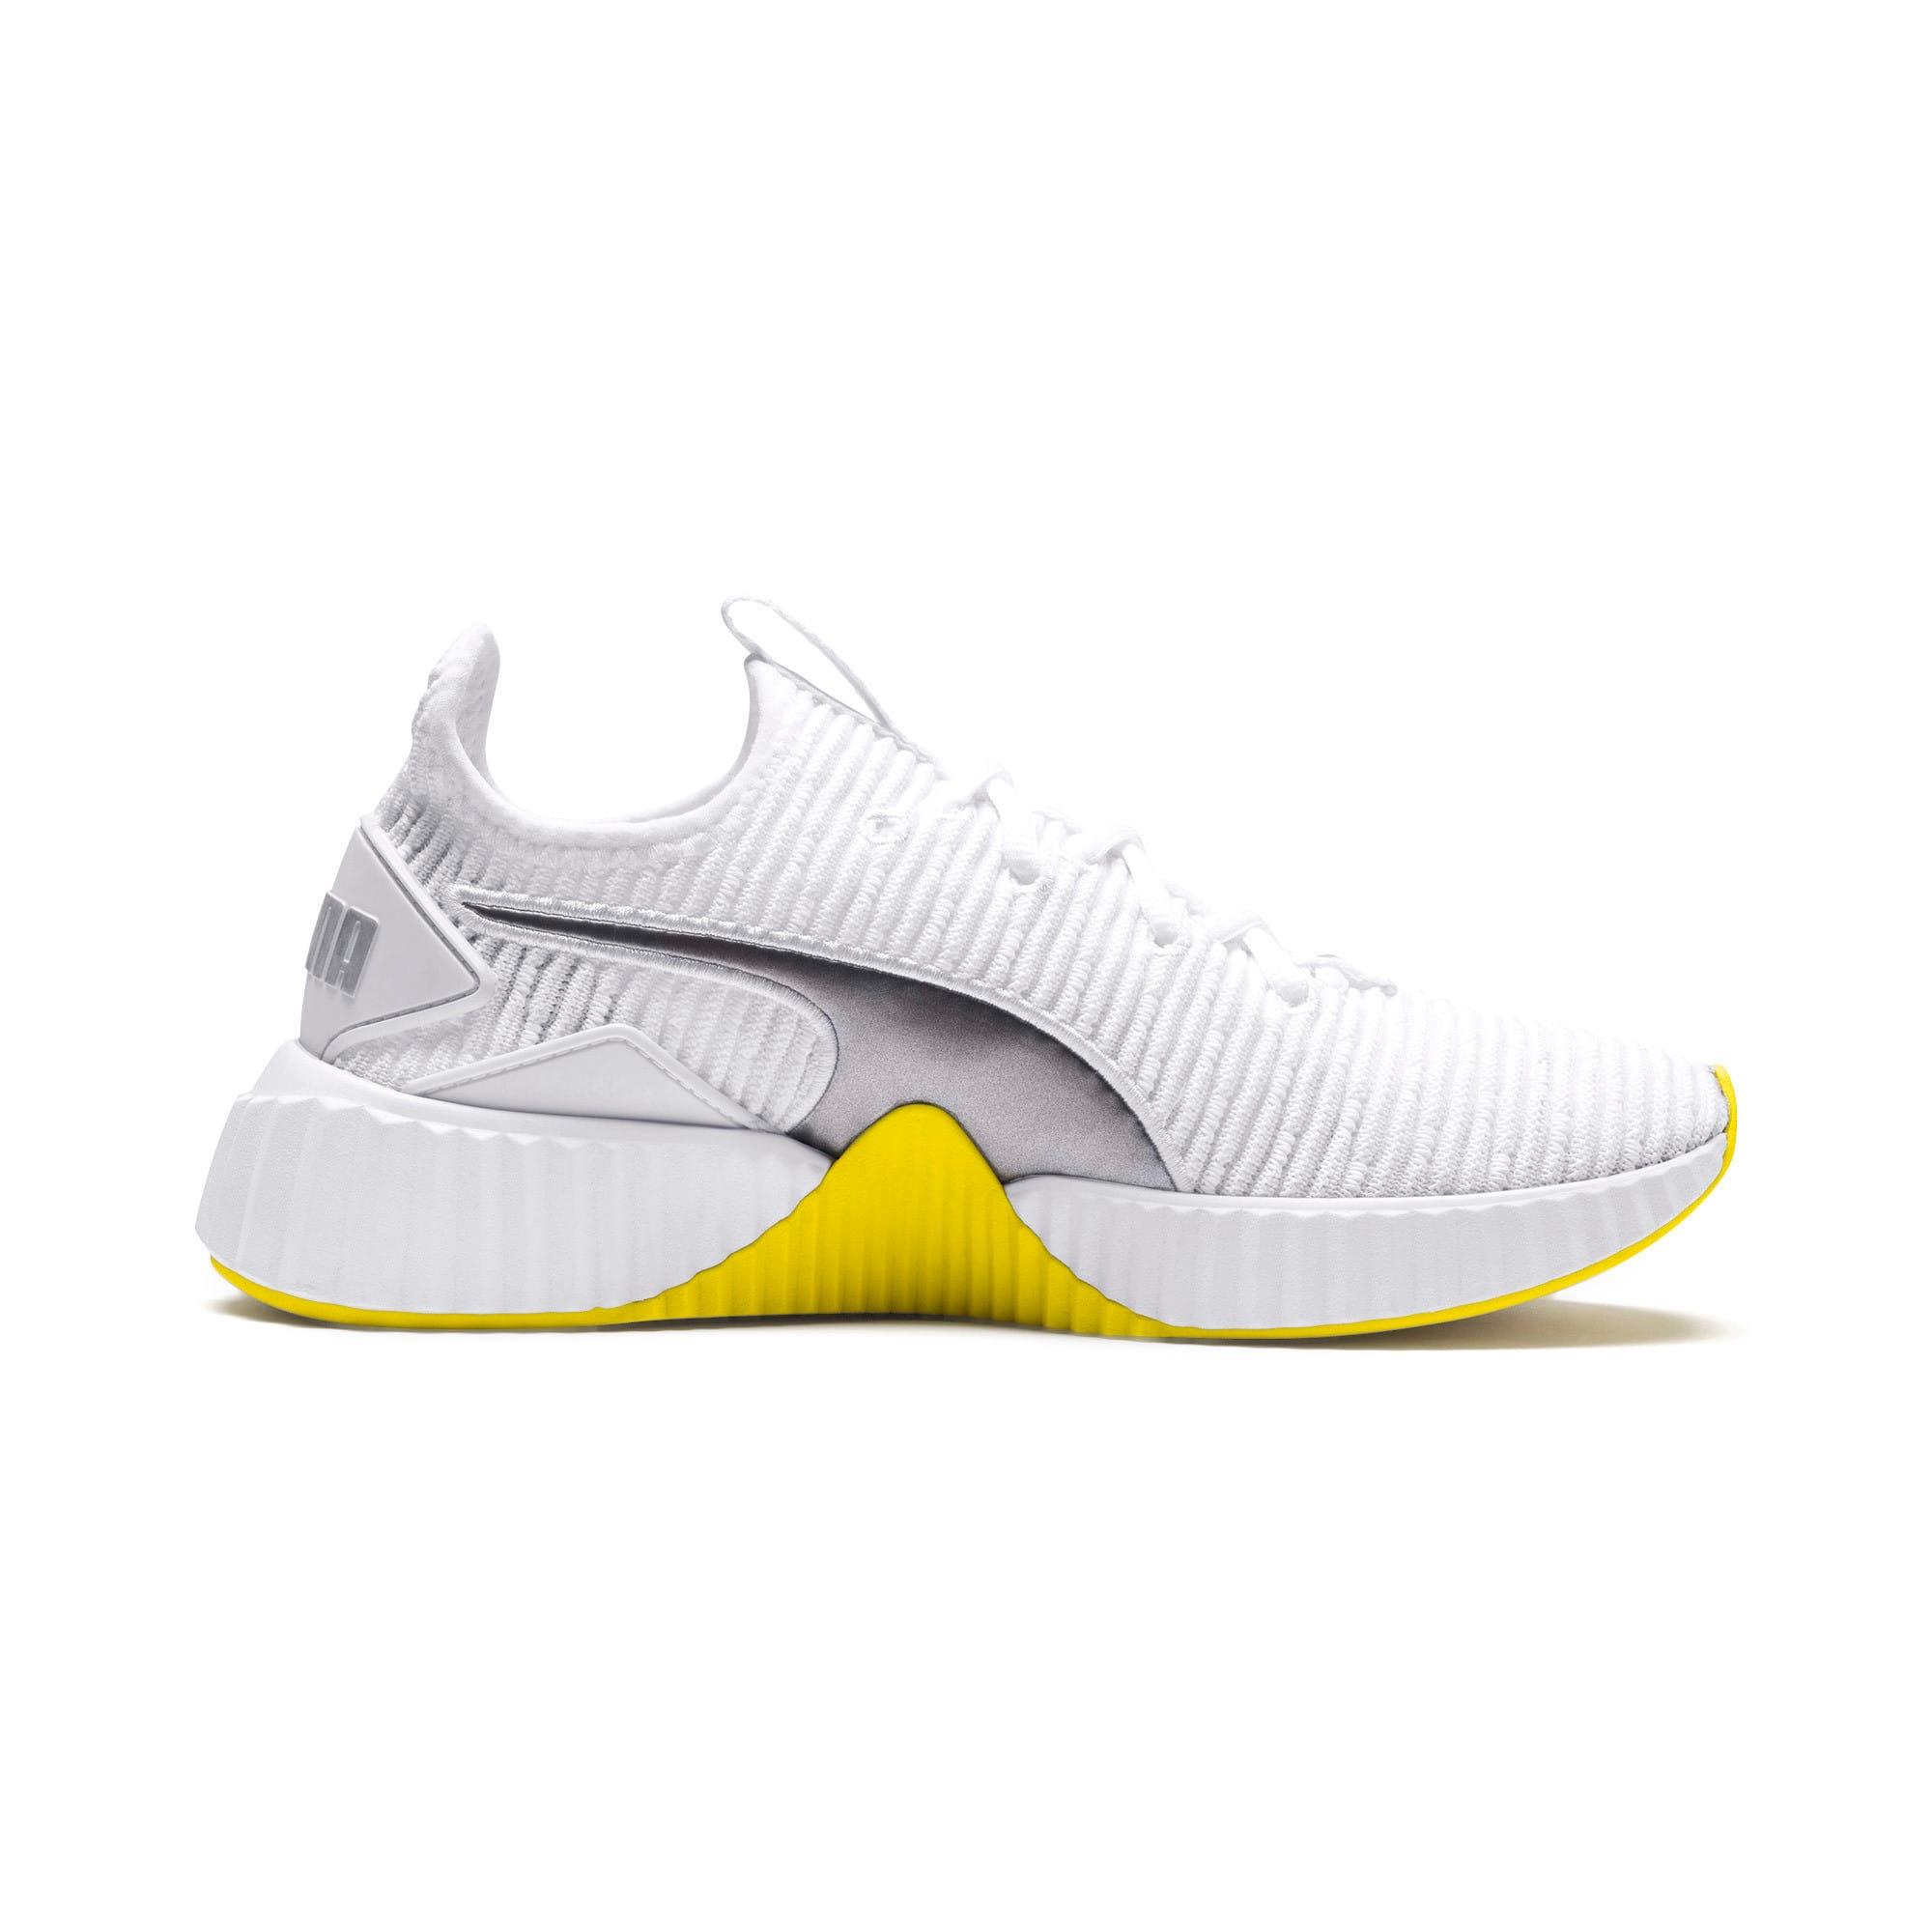 Thumbnail 6 of Defy Trailblazer Women's Training Shoes, Puma White-Blazing Yellow, medium